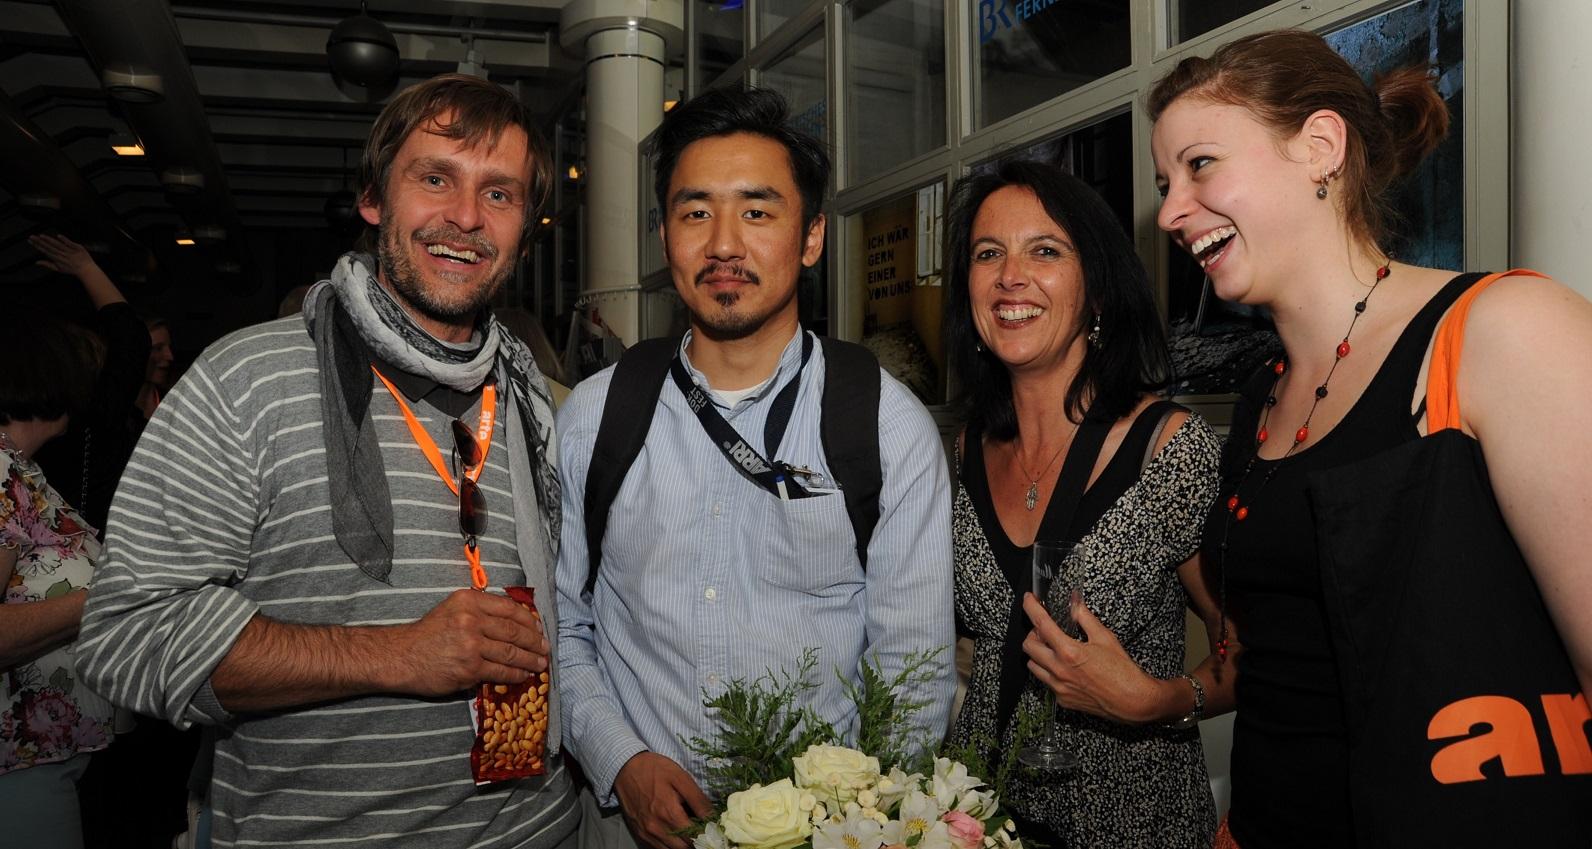 Von links nach rechts: Robert Krause (Meinwerk-Film), Preisträger Lobsang Tashi Sotrug sowie mimikri media-Team Birgit Leib und Sabine Meister © DOK.fest – Maren Bornemann